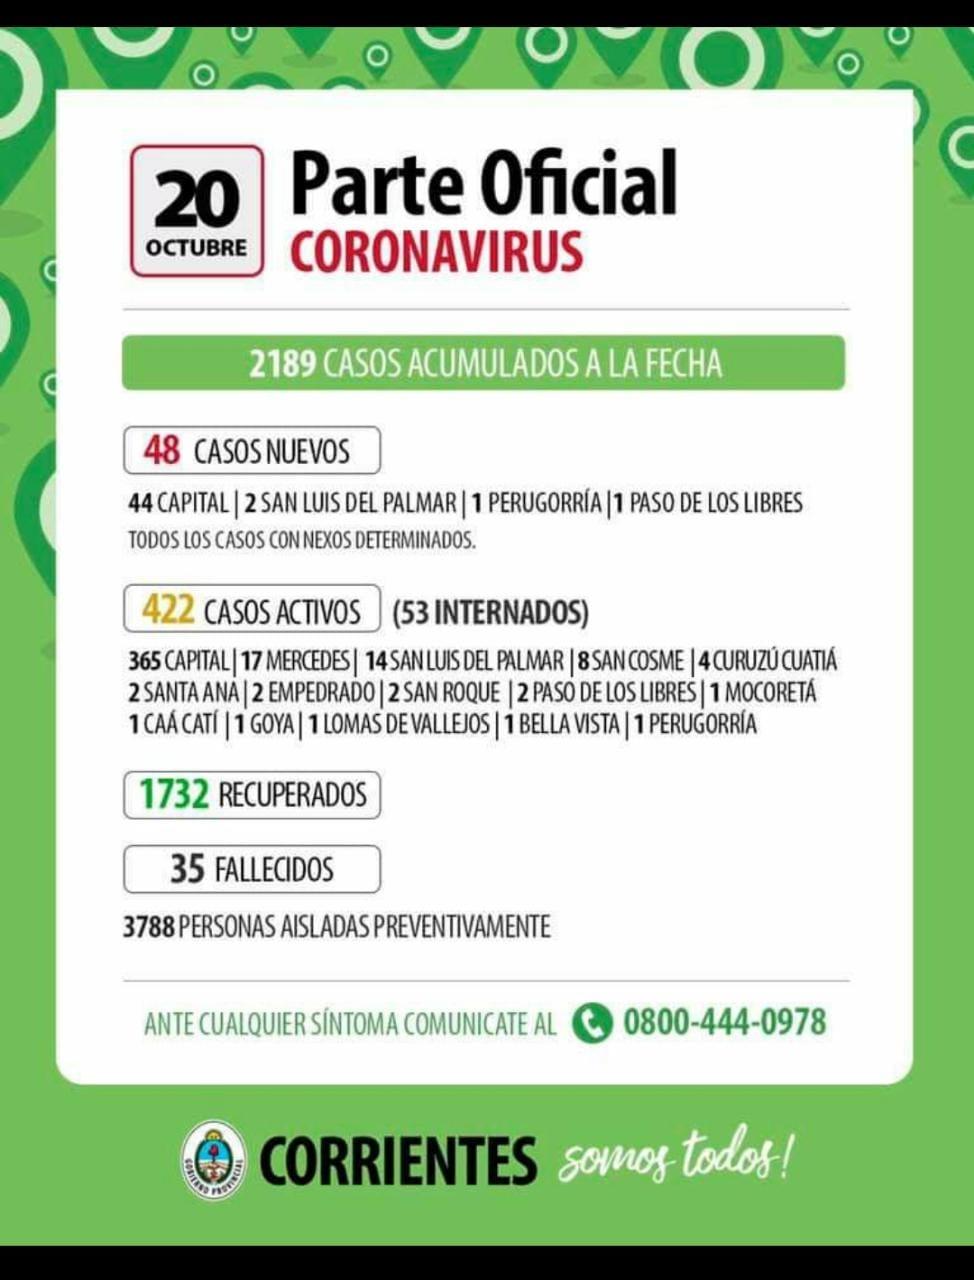 48 nuevos contagios de Coronavirus en las últimas 24 horas en Corrientes